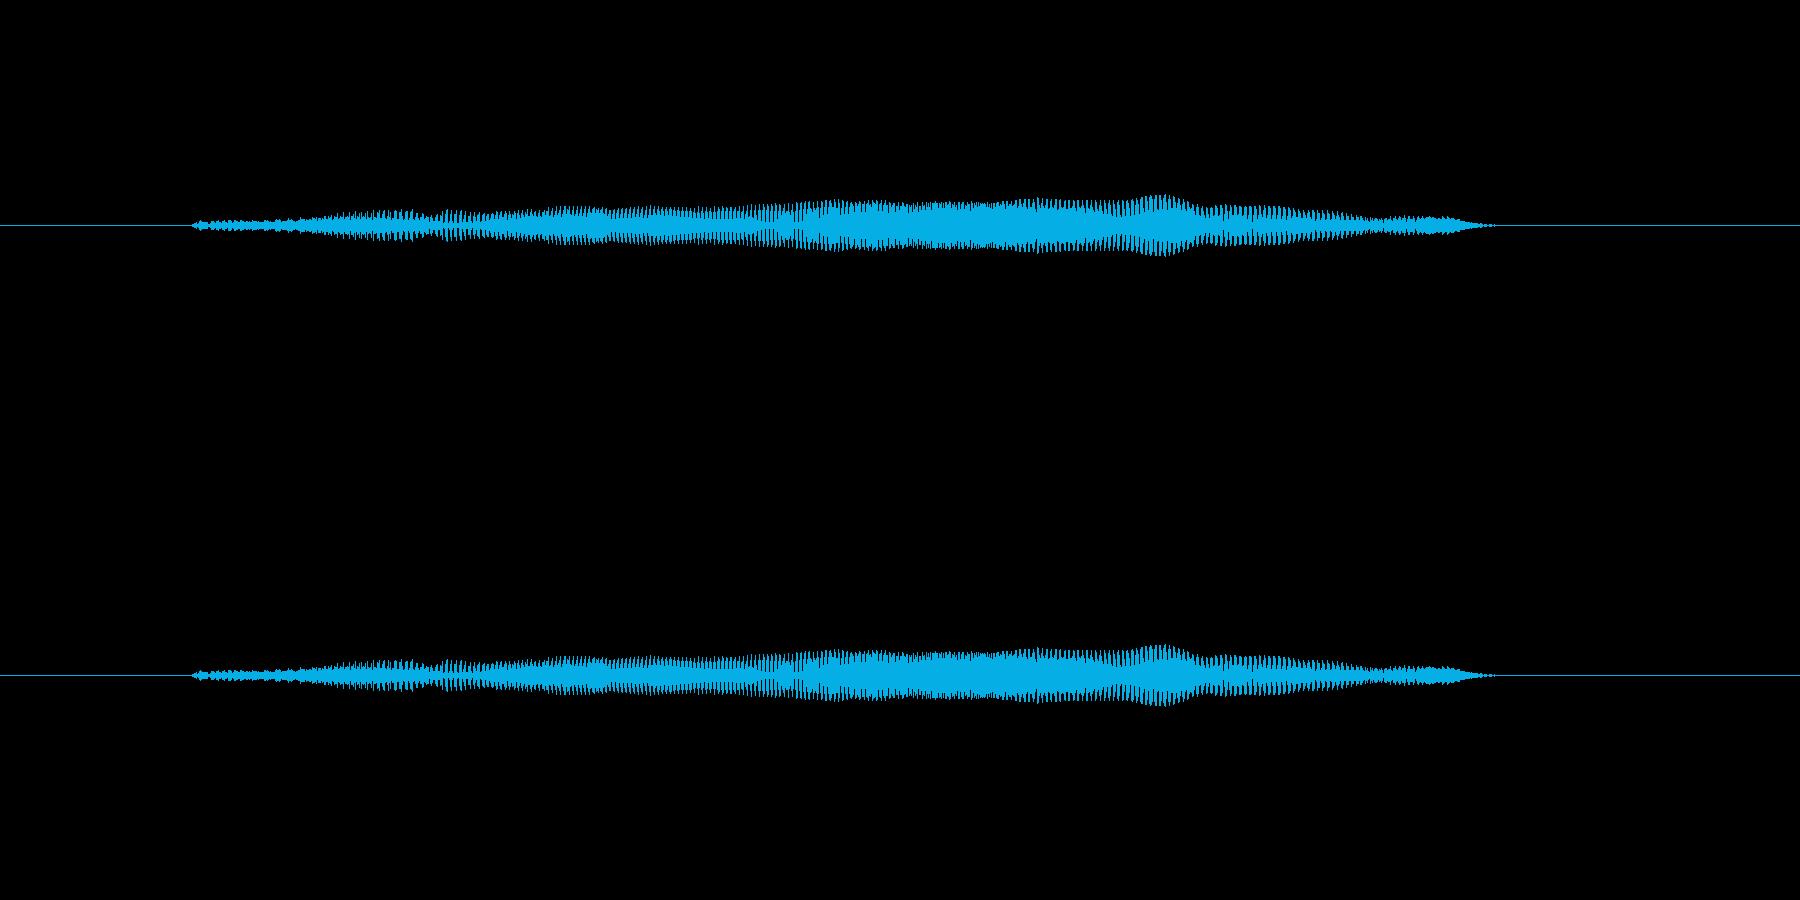 ニャー_猫声-06の再生済みの波形